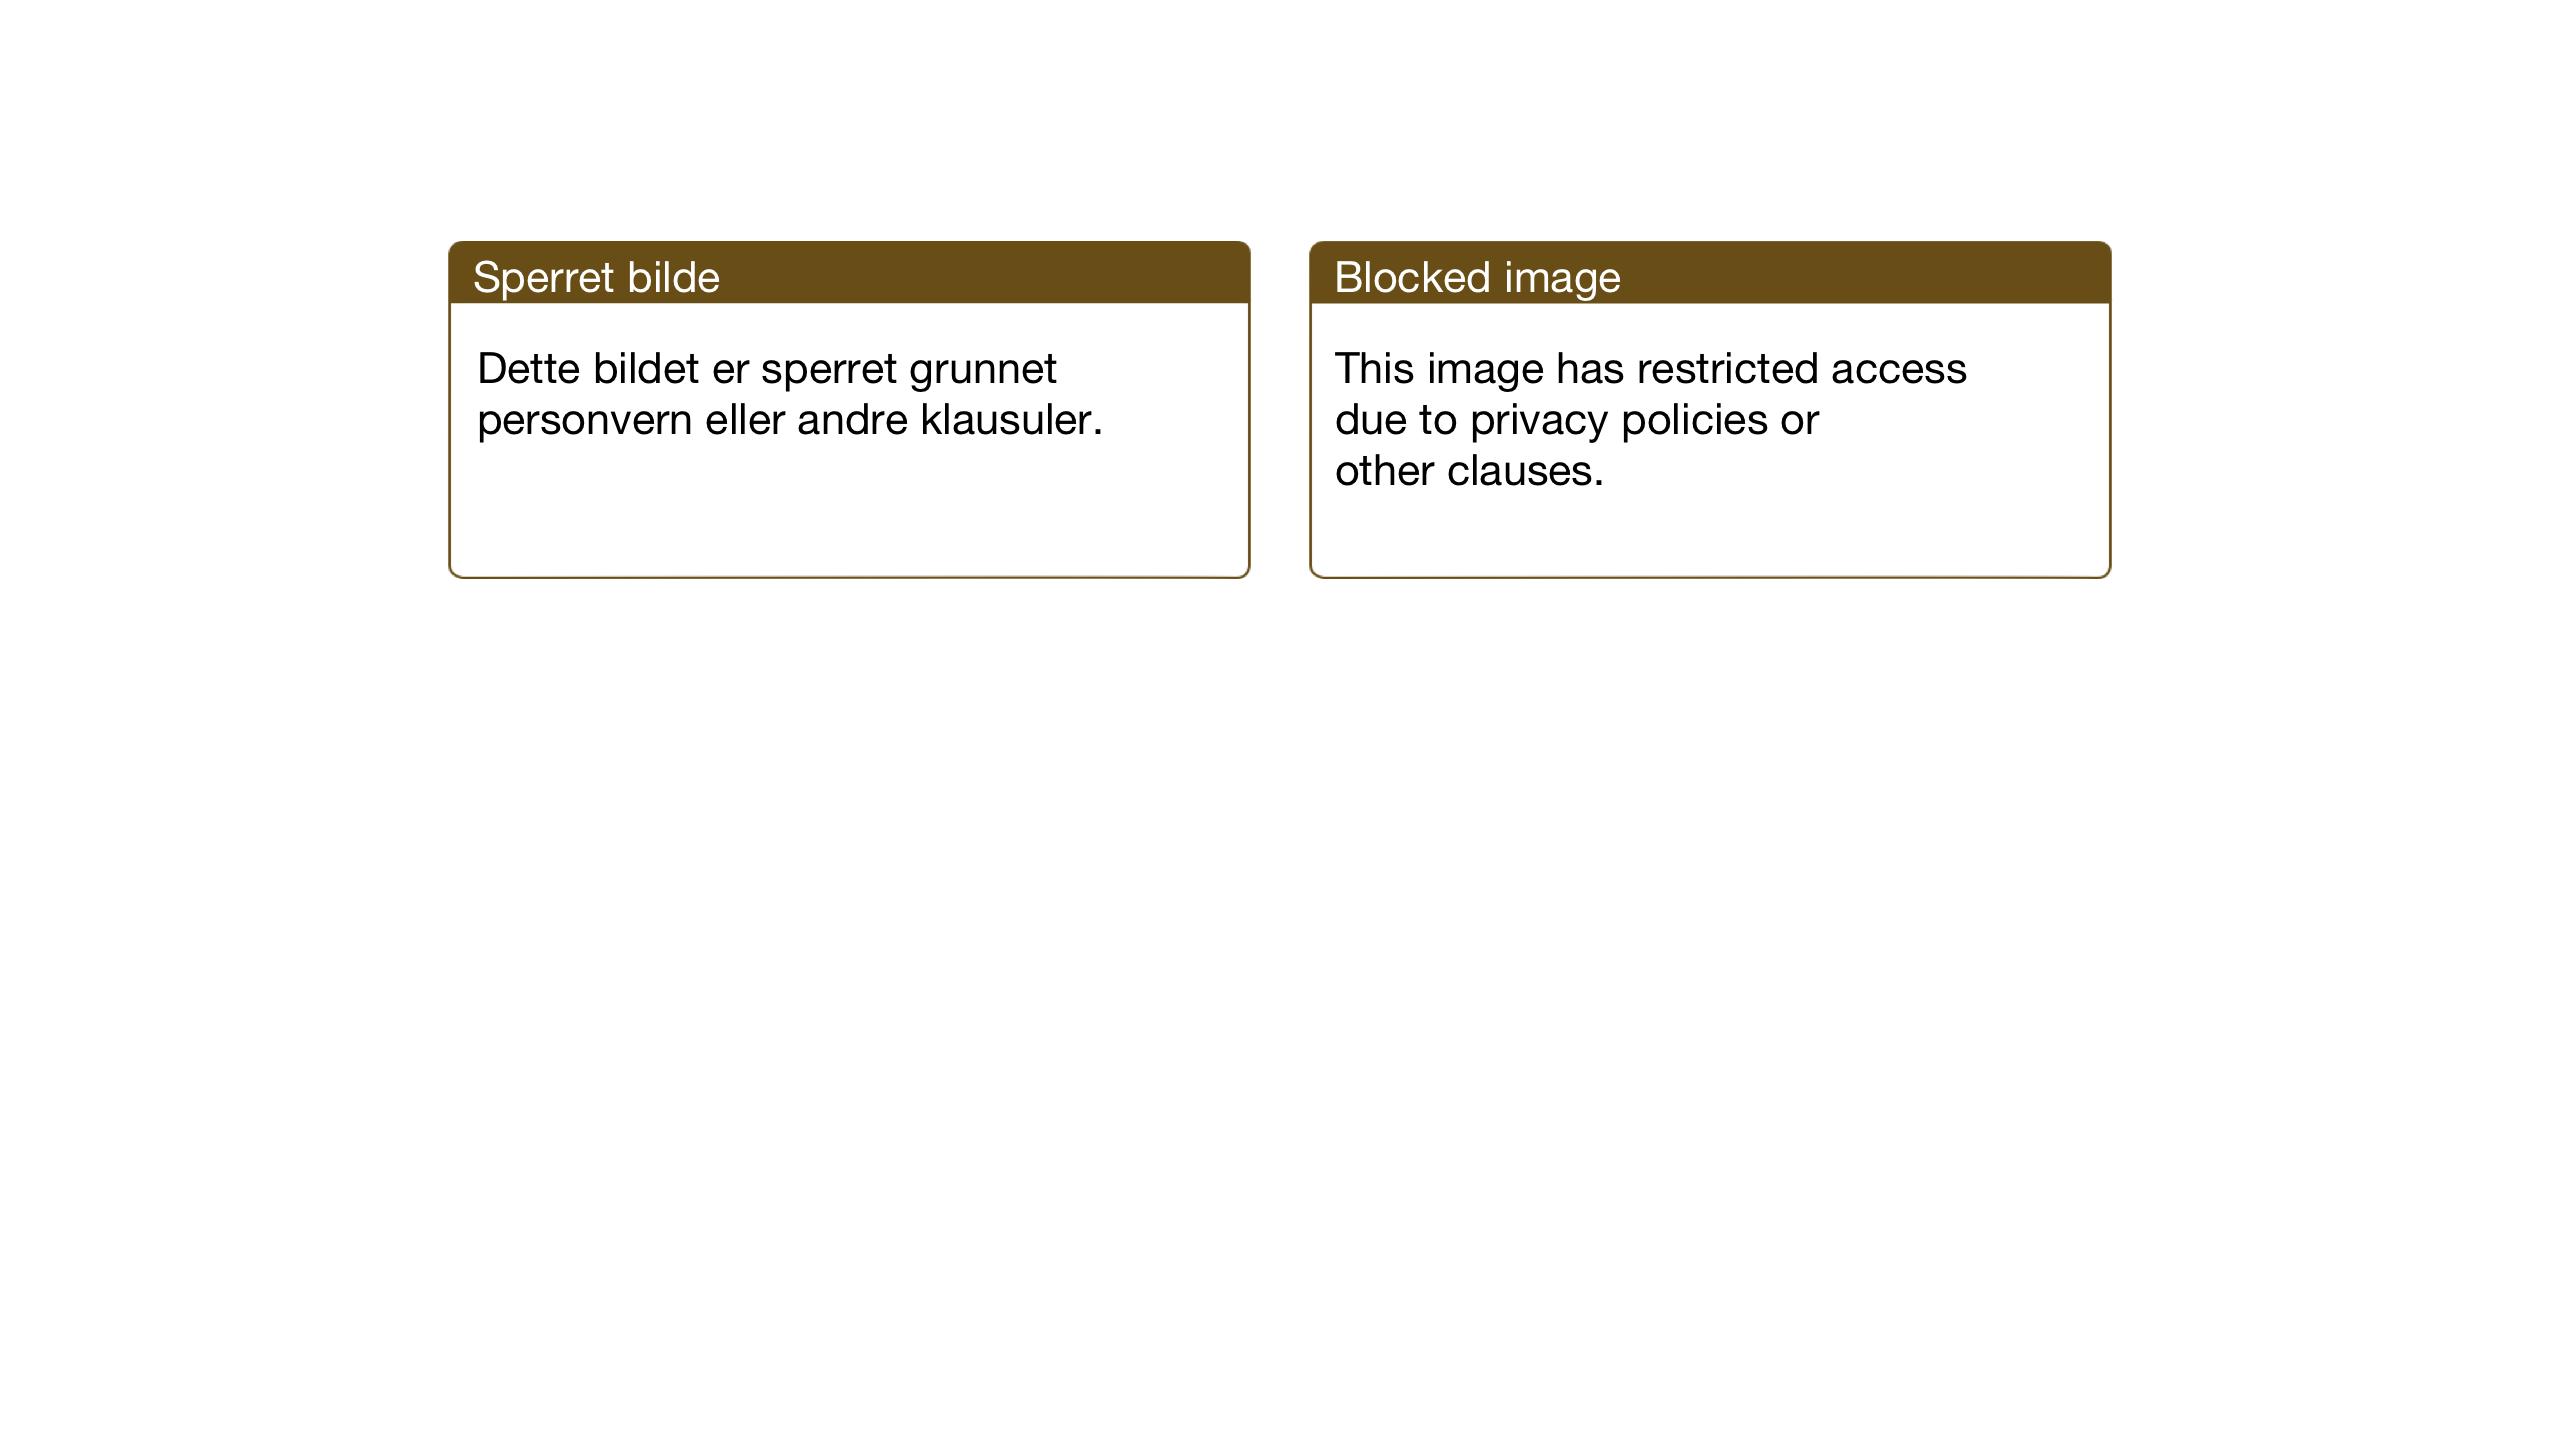 SAT, Ministerialprotokoller, klokkerbøker og fødselsregistre - Nord-Trøndelag, 746/L0456: Klokkerbok nr. 746C02, 1936-1948, s. 12